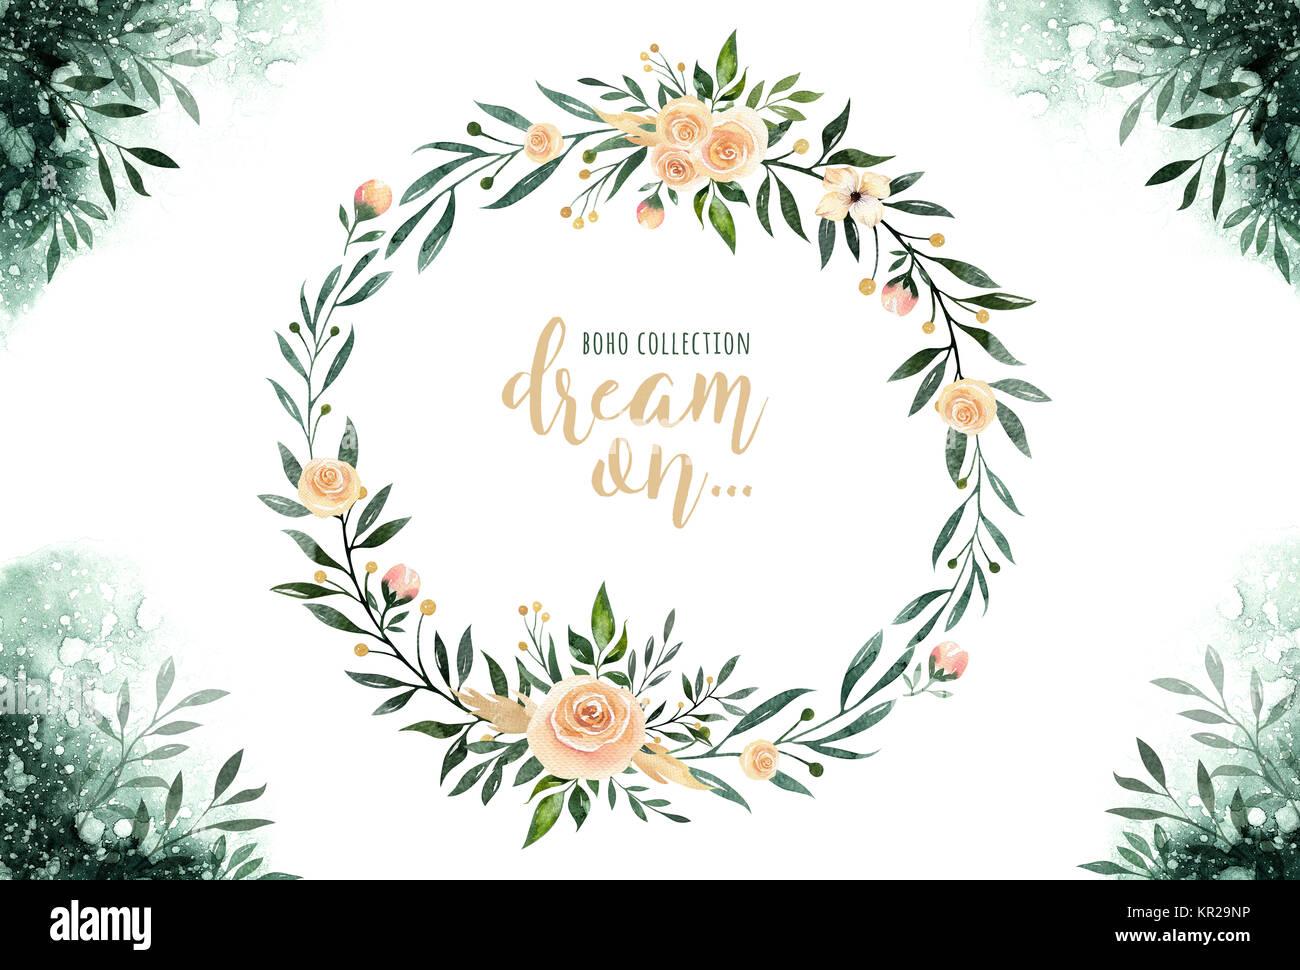 Hand Gezeichnet Aquarelle Grün Blätter Und Blumen Kränze. Boho Style Grün  Und Gold. Abbildung Auf Weißen Isoliert. Design Für T Shirt, Einladung,  Hochzeit ...